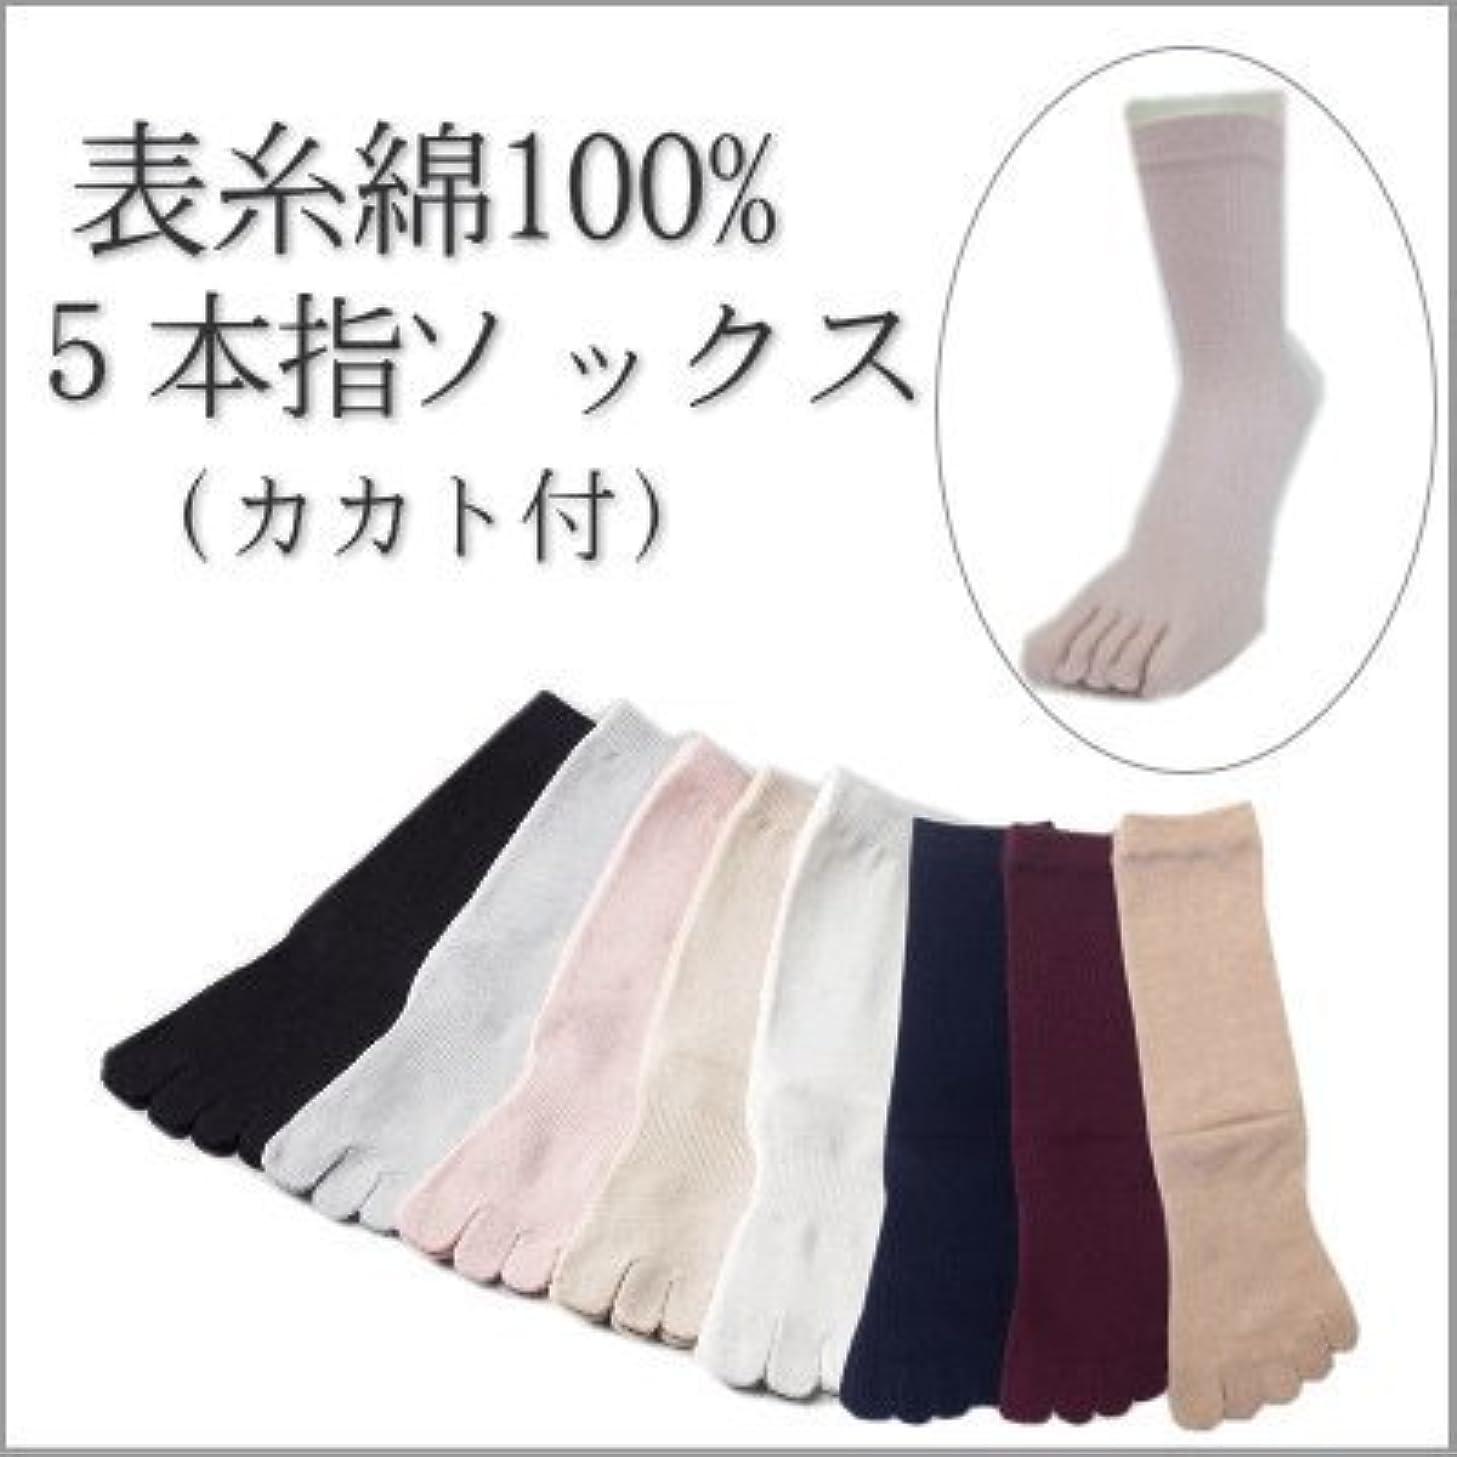 承知しましたローン流用する女性用 5本指 ソックス 抗菌防臭 加工 綿100%糸使用 老舗 靴下 メーカーのこだわり 23-25cm 太陽ニット 320 (杢ベージュ)